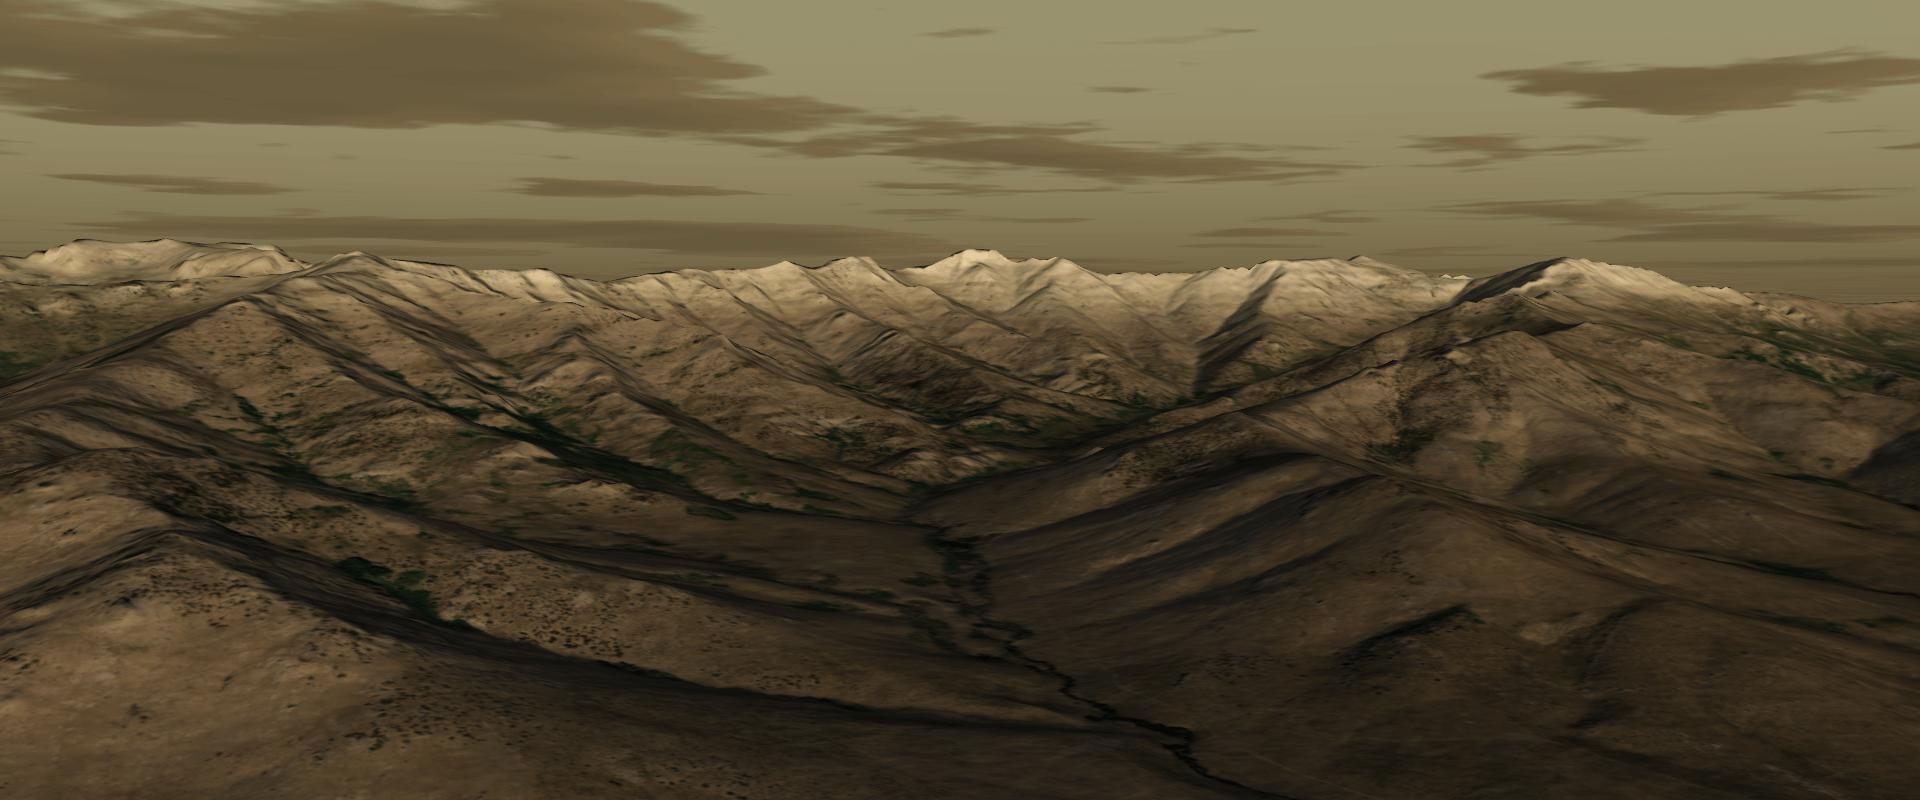 Terrain_02